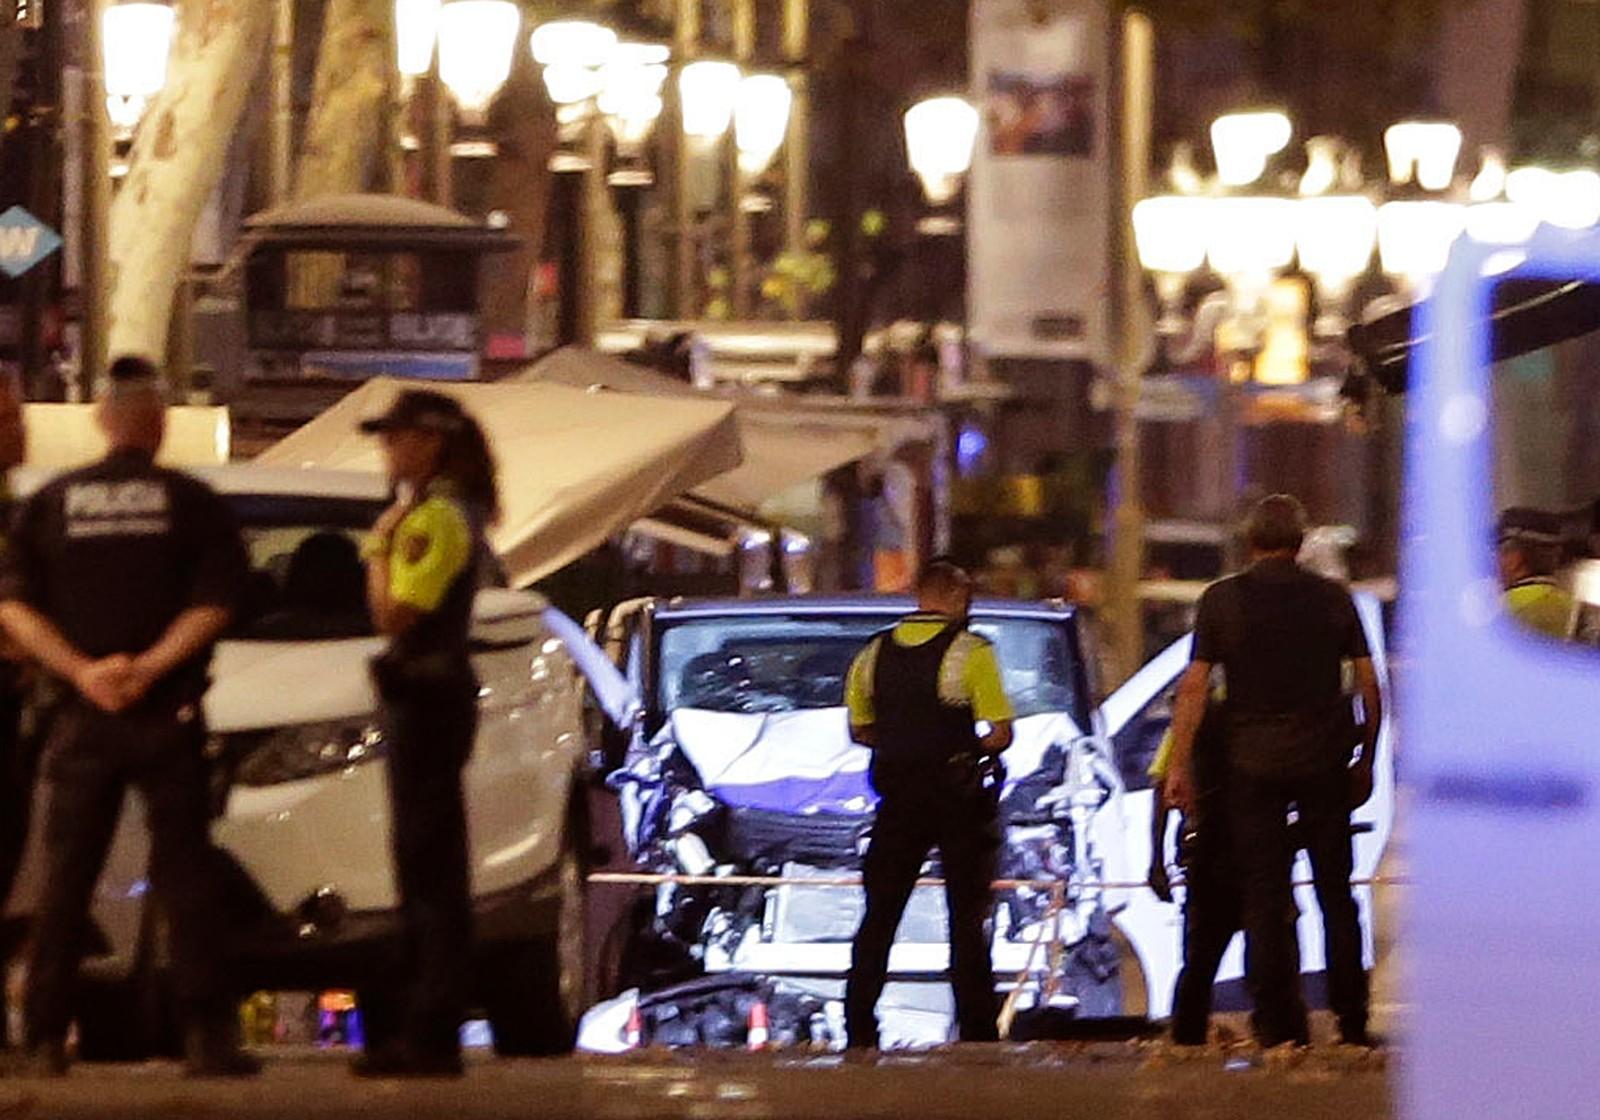 DETTE ER BILEN: Politifolk står ved varebilen som kjørte ned mennesker på Las Ramblas i Barcelona.